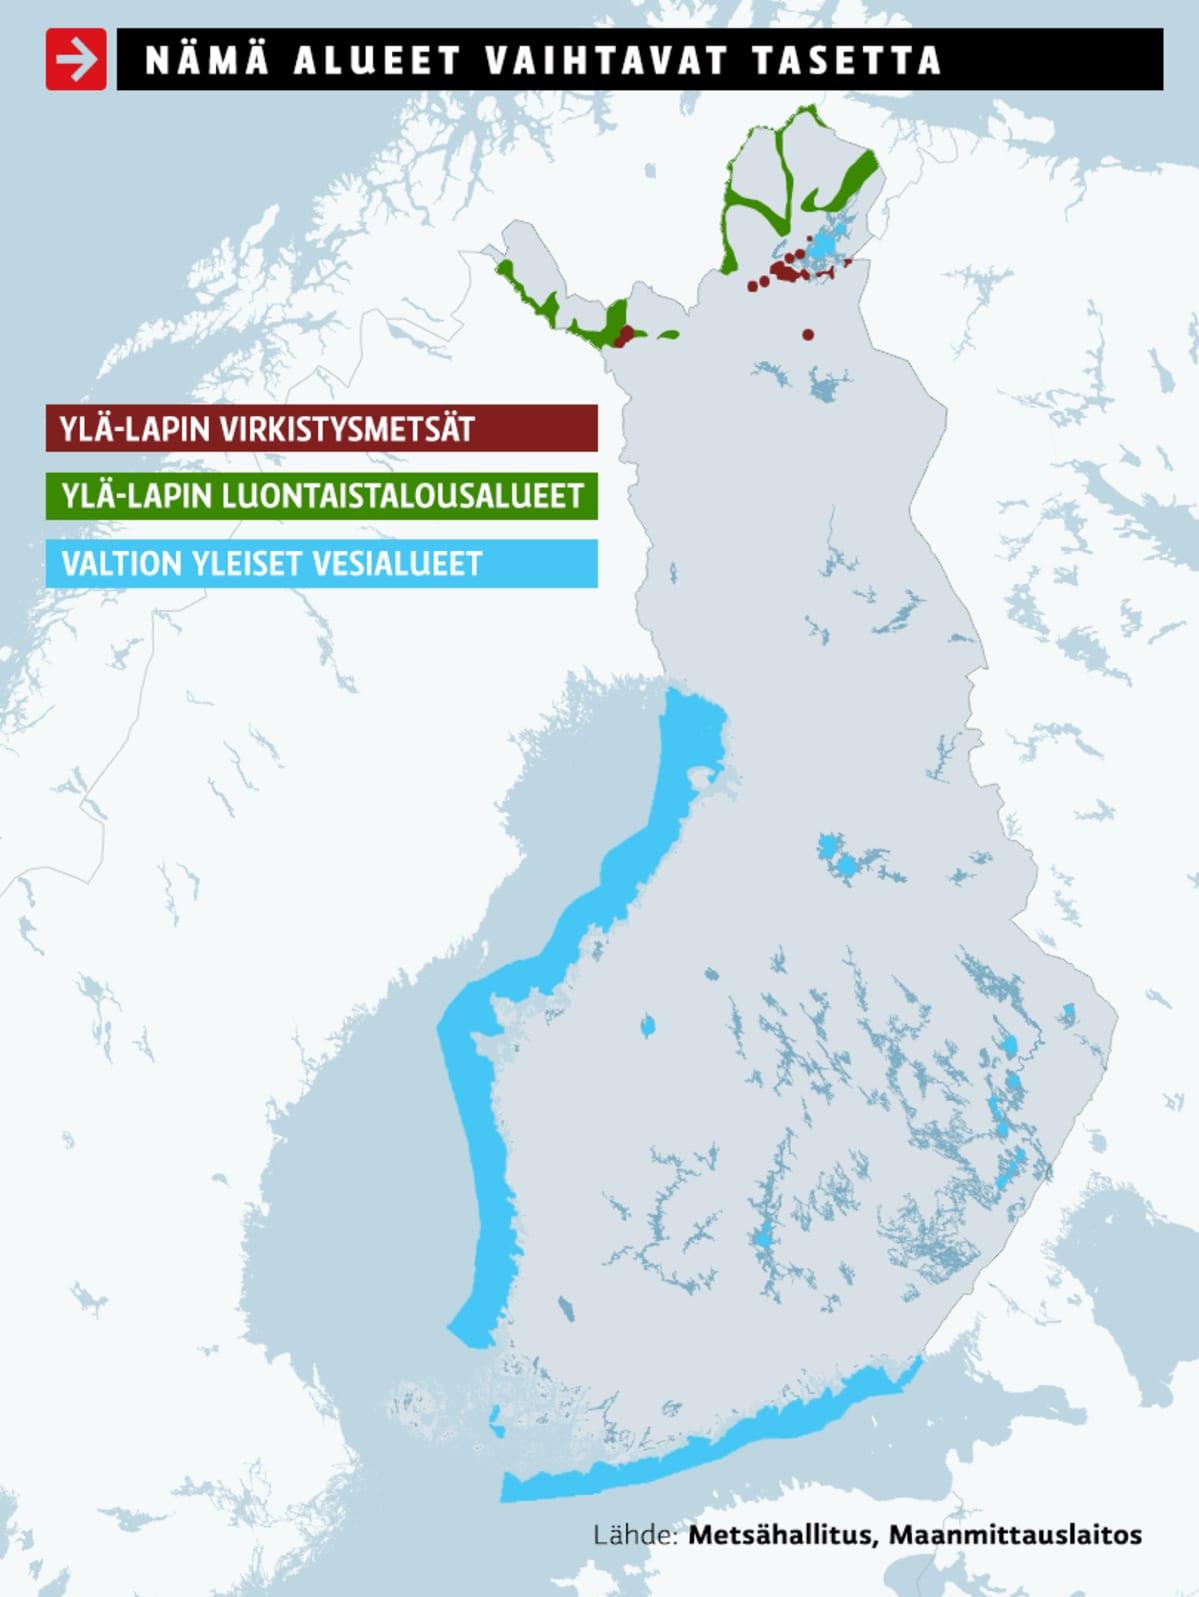 Karttagrafiikassa näkyvät Ylä-Lapin virkistysmetsät, Ylä-Lapin luontaistalousalueet ja valtion yleiset vesialueet.